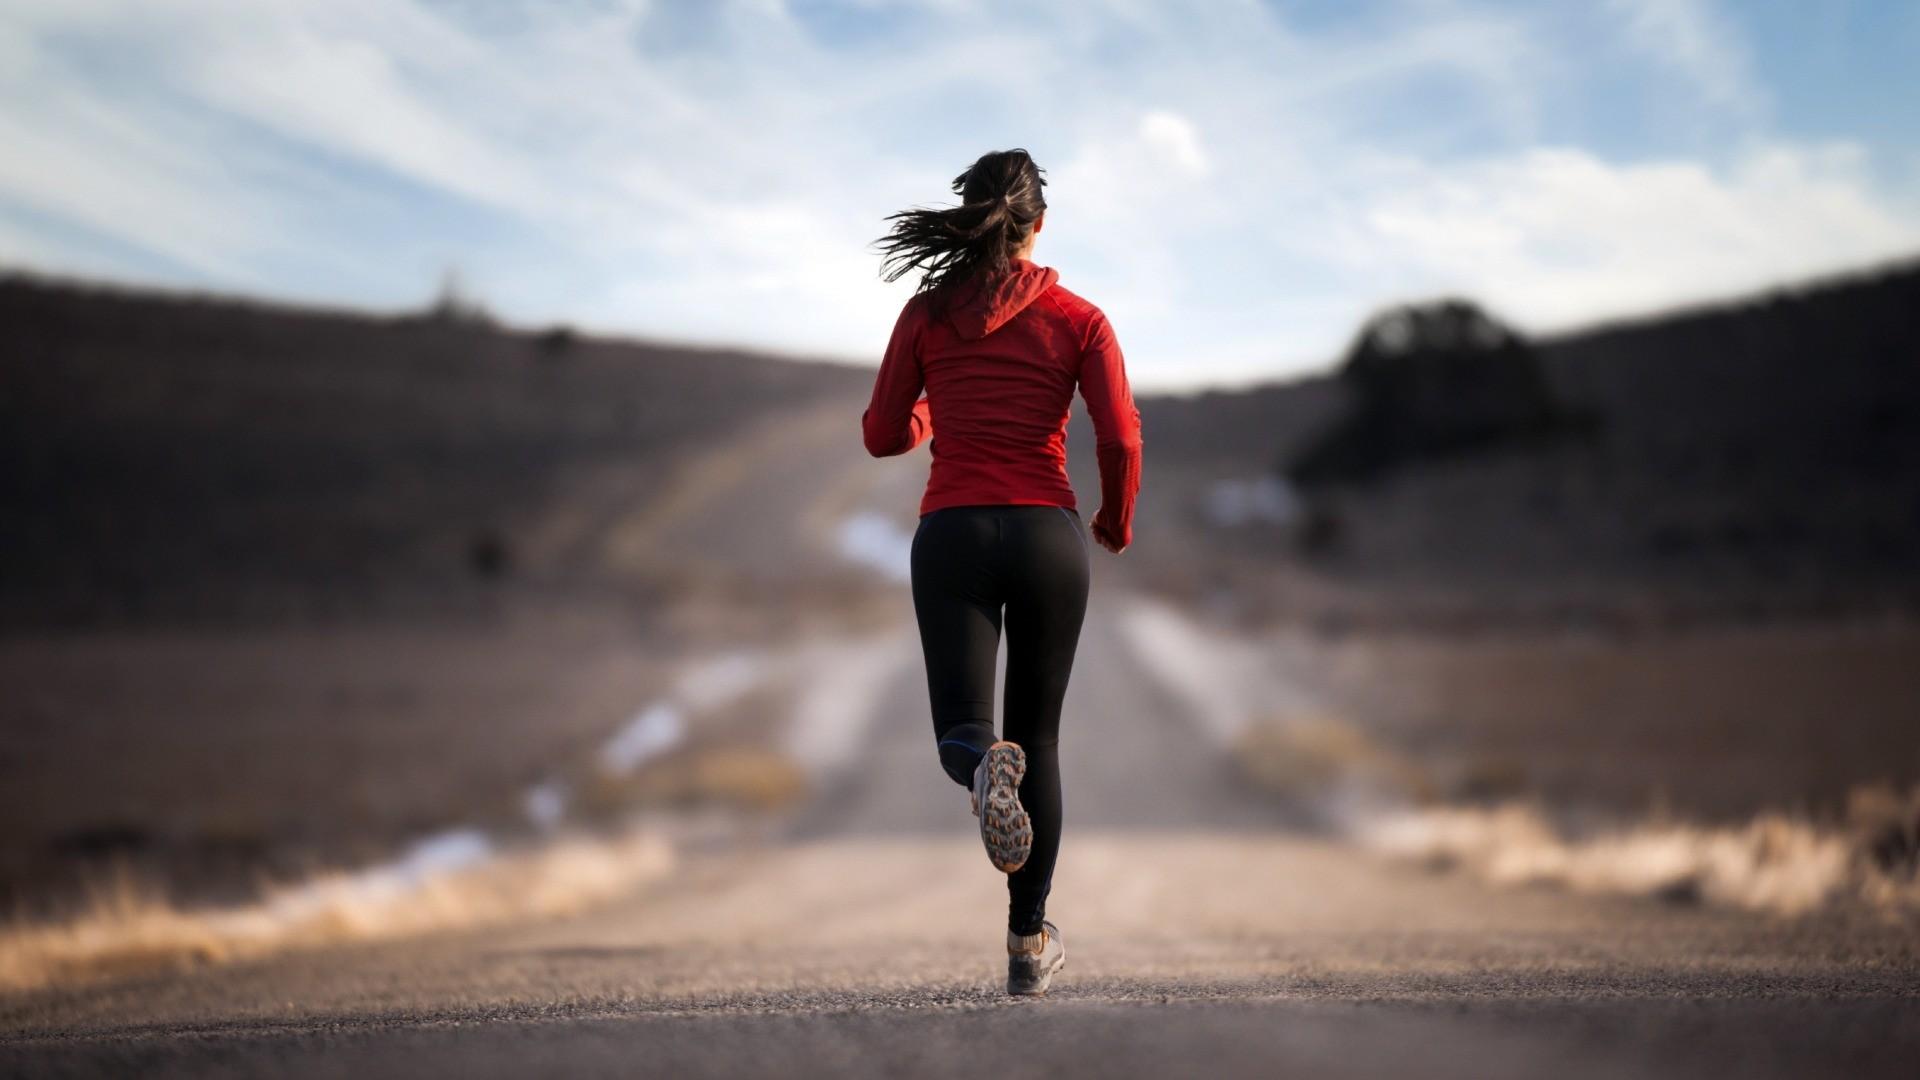 Running Wallpaper image hd